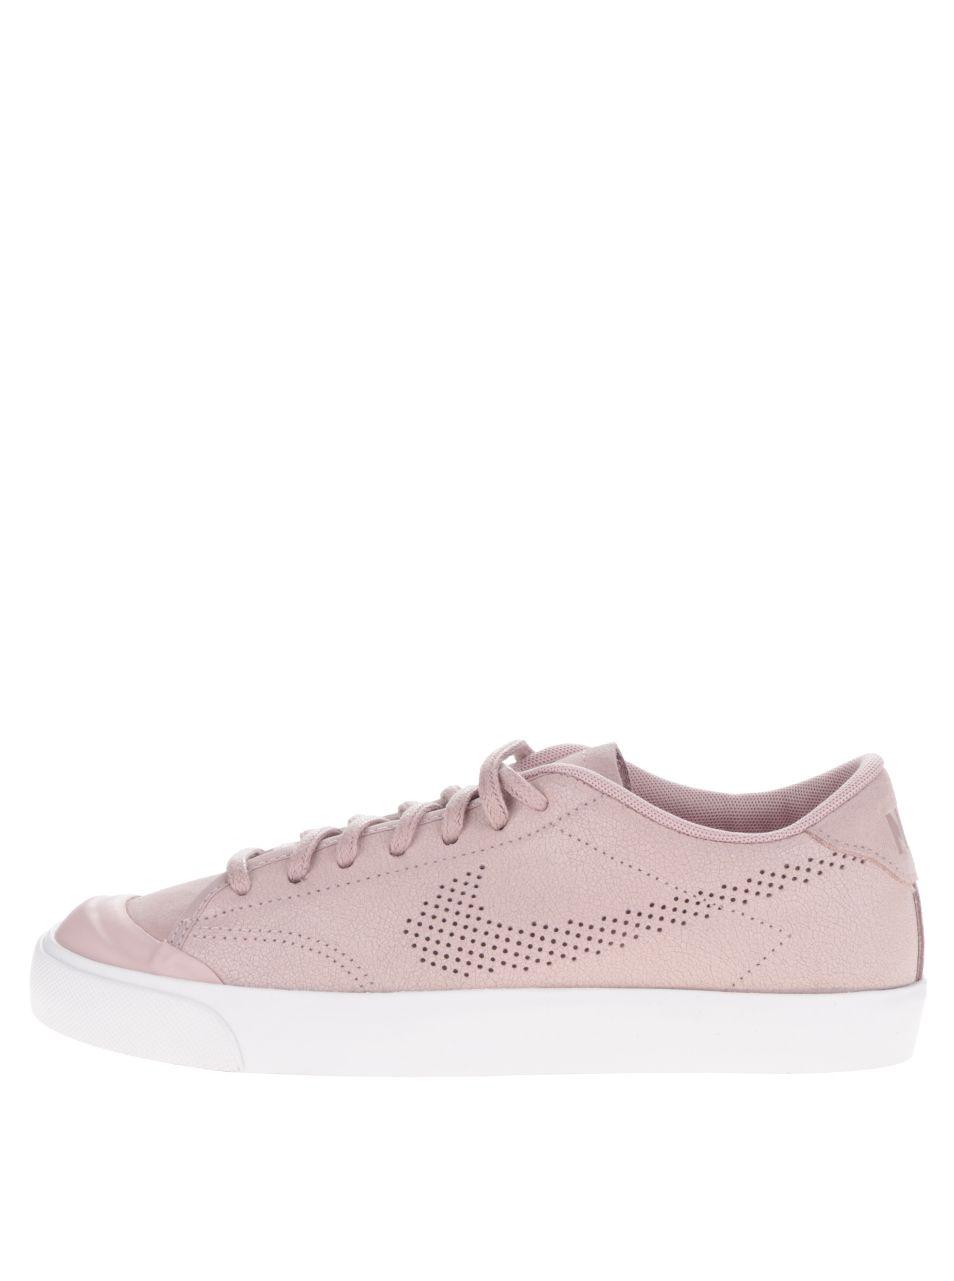 236bda8e3 Světle růžové dámské kožené tenisky s bílou podrážkou Nike All Court Premium